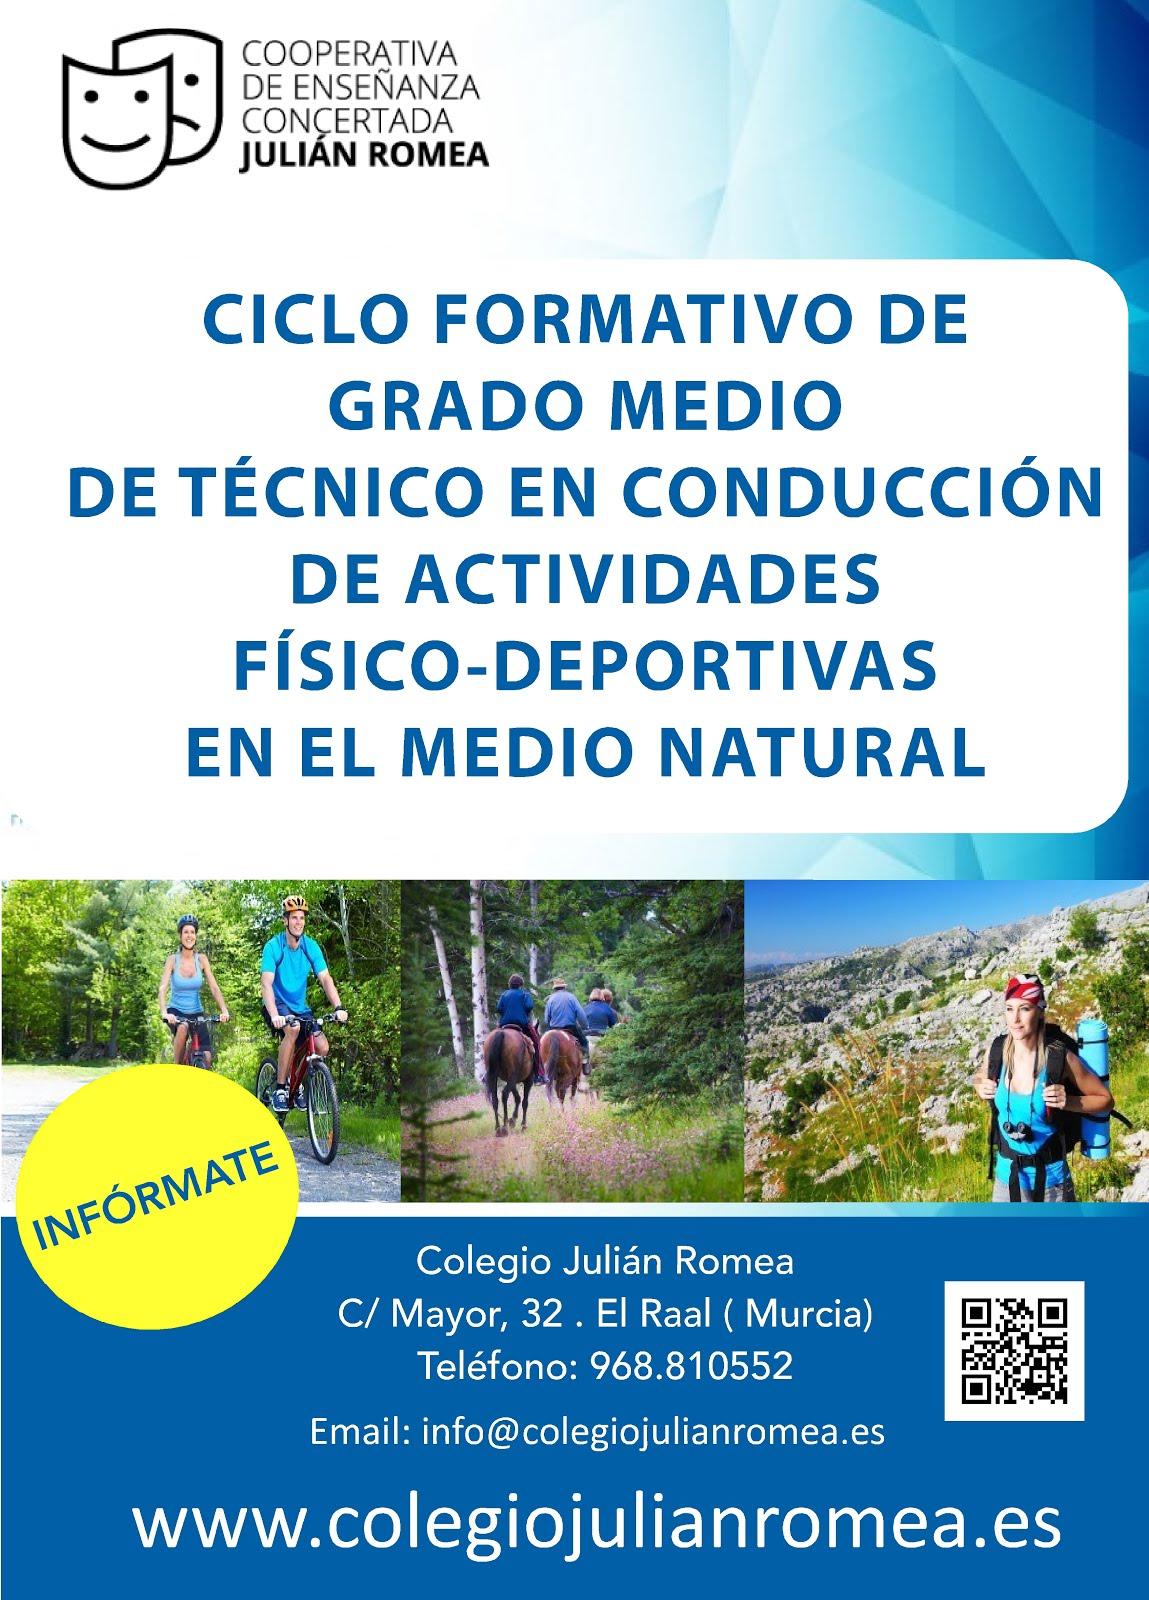 Técnico en conducción de actividades físico-deportivas en el medio natural